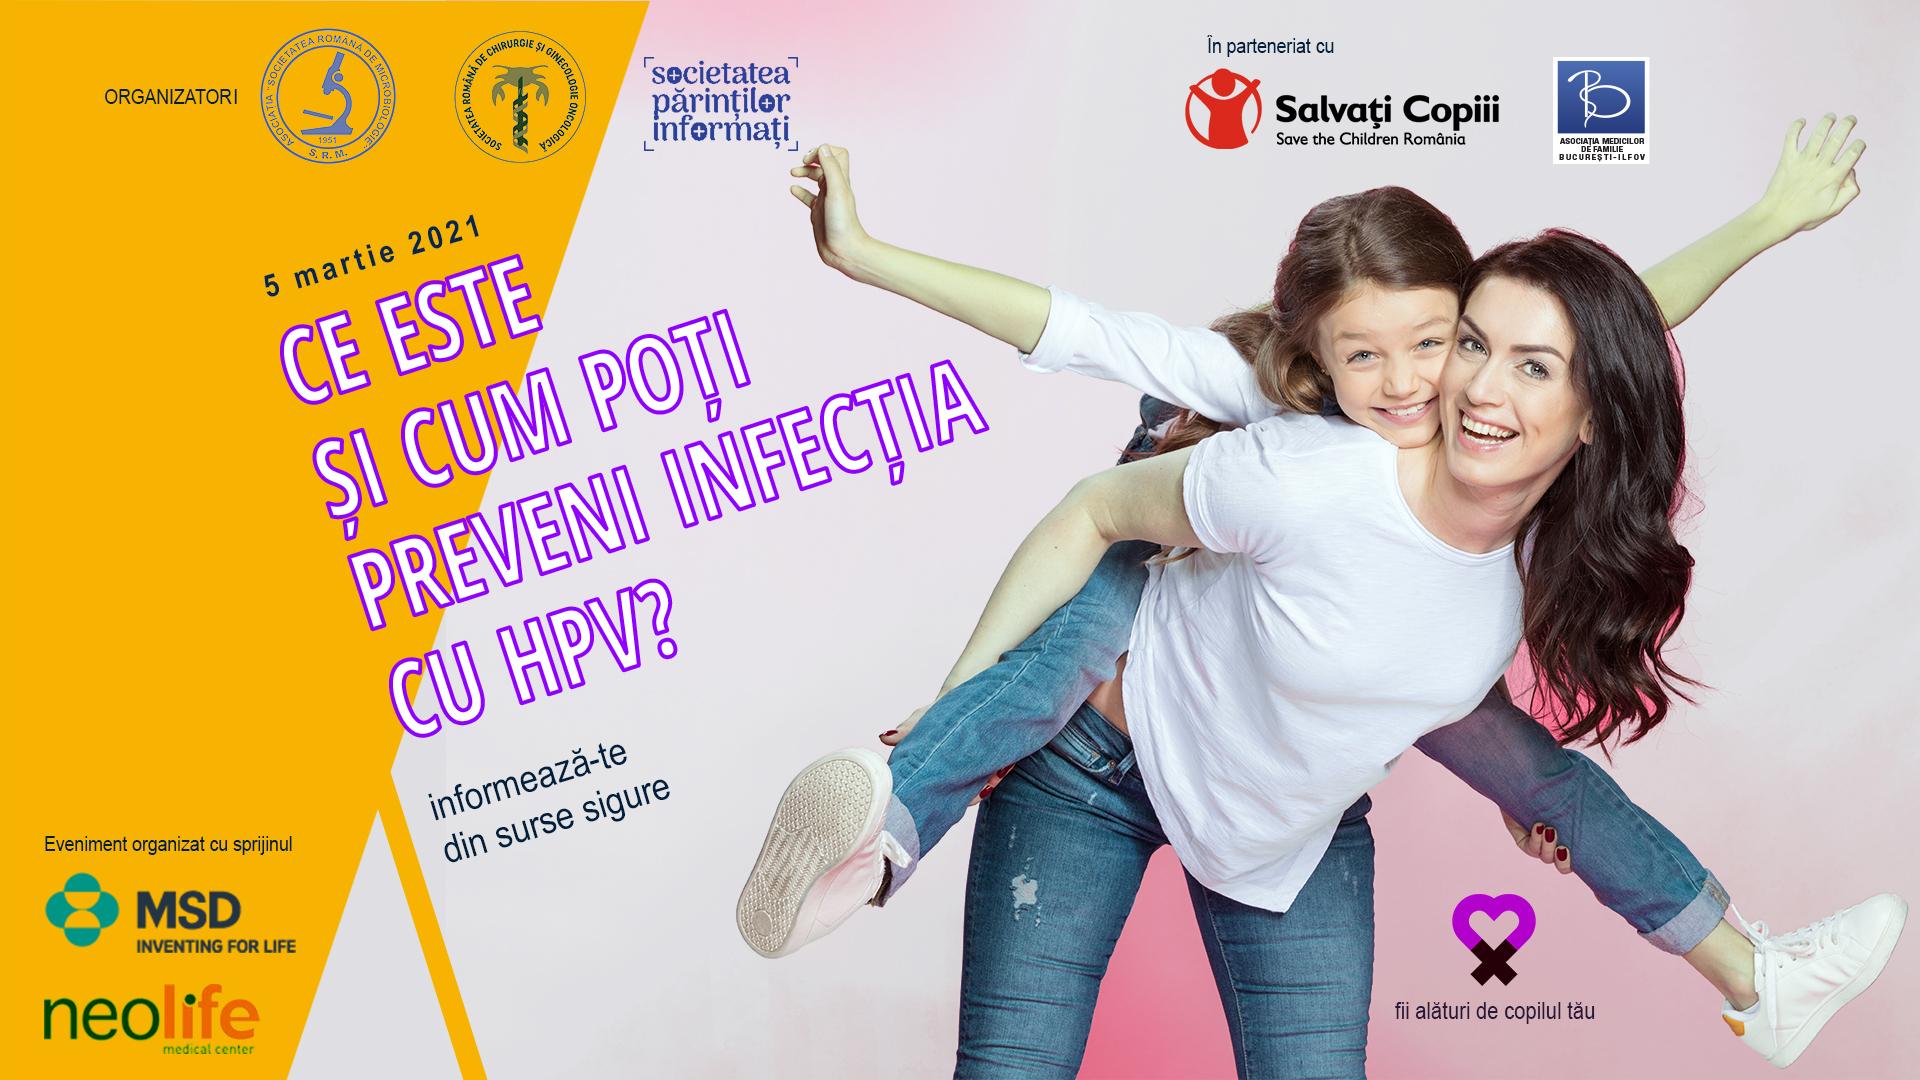 Ce este și cum poți preveni infecția cu HPV?